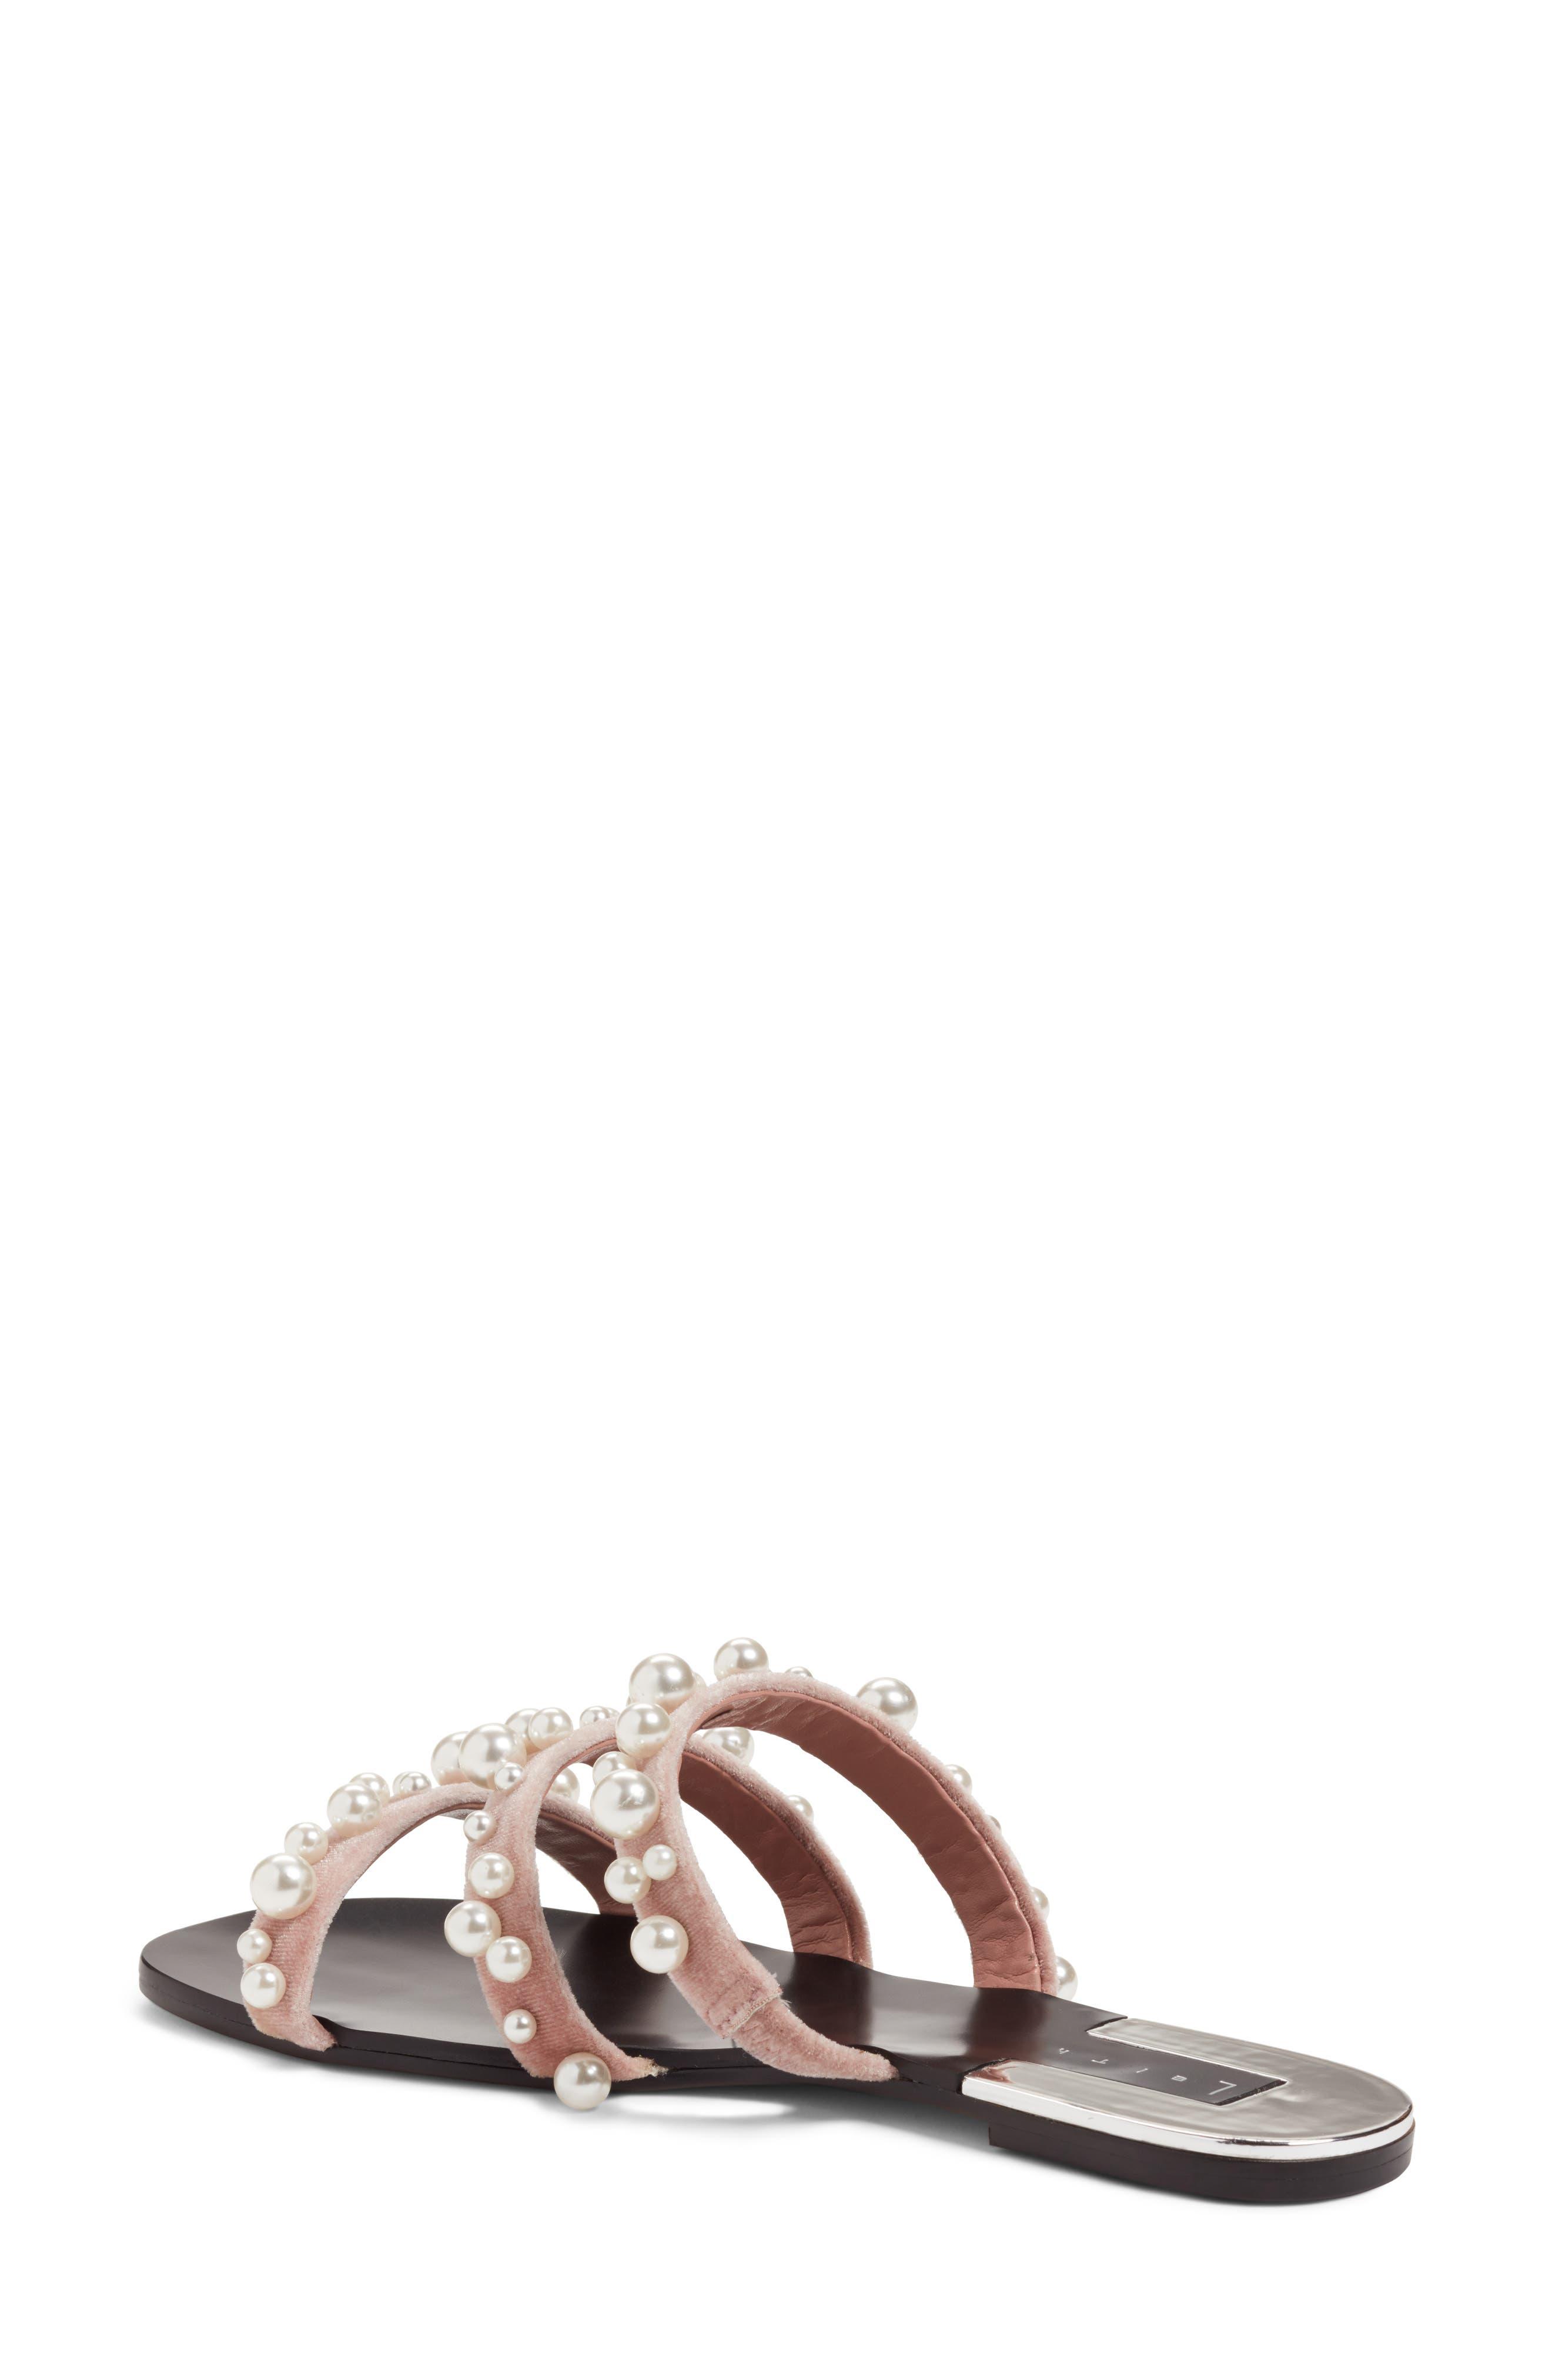 LEITH, Stunner Embellished Strappy Slide Sandal, Alternate thumbnail 2, color, BLUSH VELVET